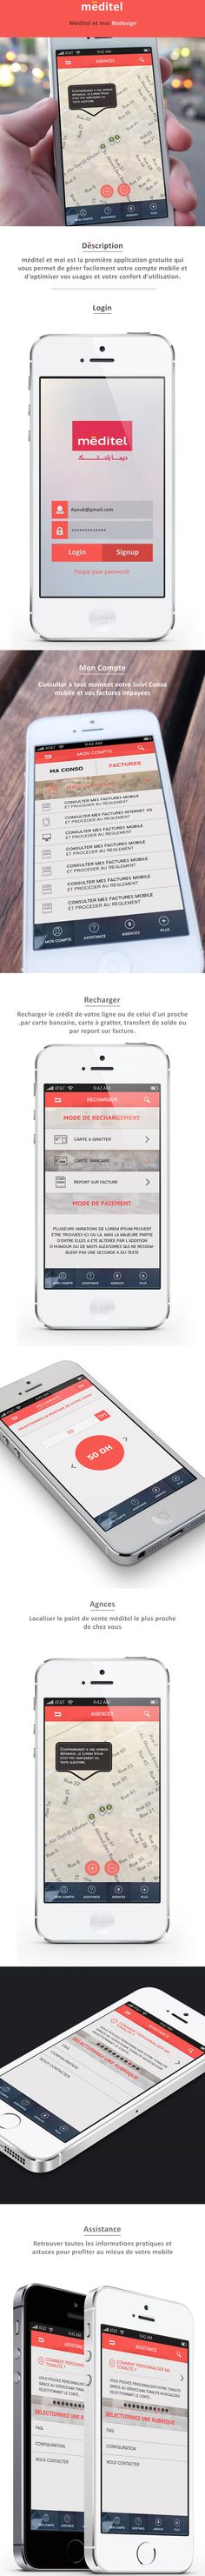 Meditel Et Moi App Redesign